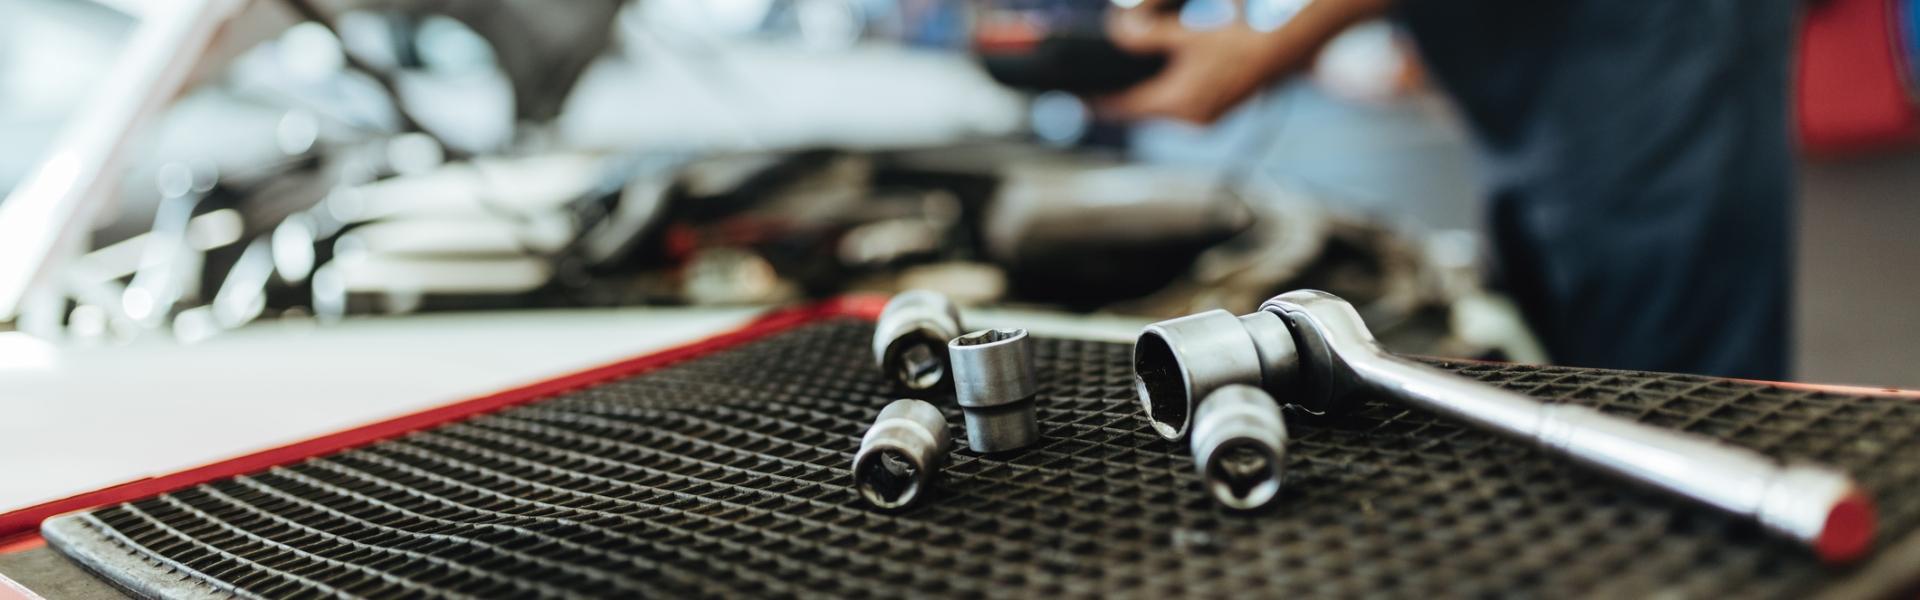 Klucze na stole w warsztacie mechanicznym